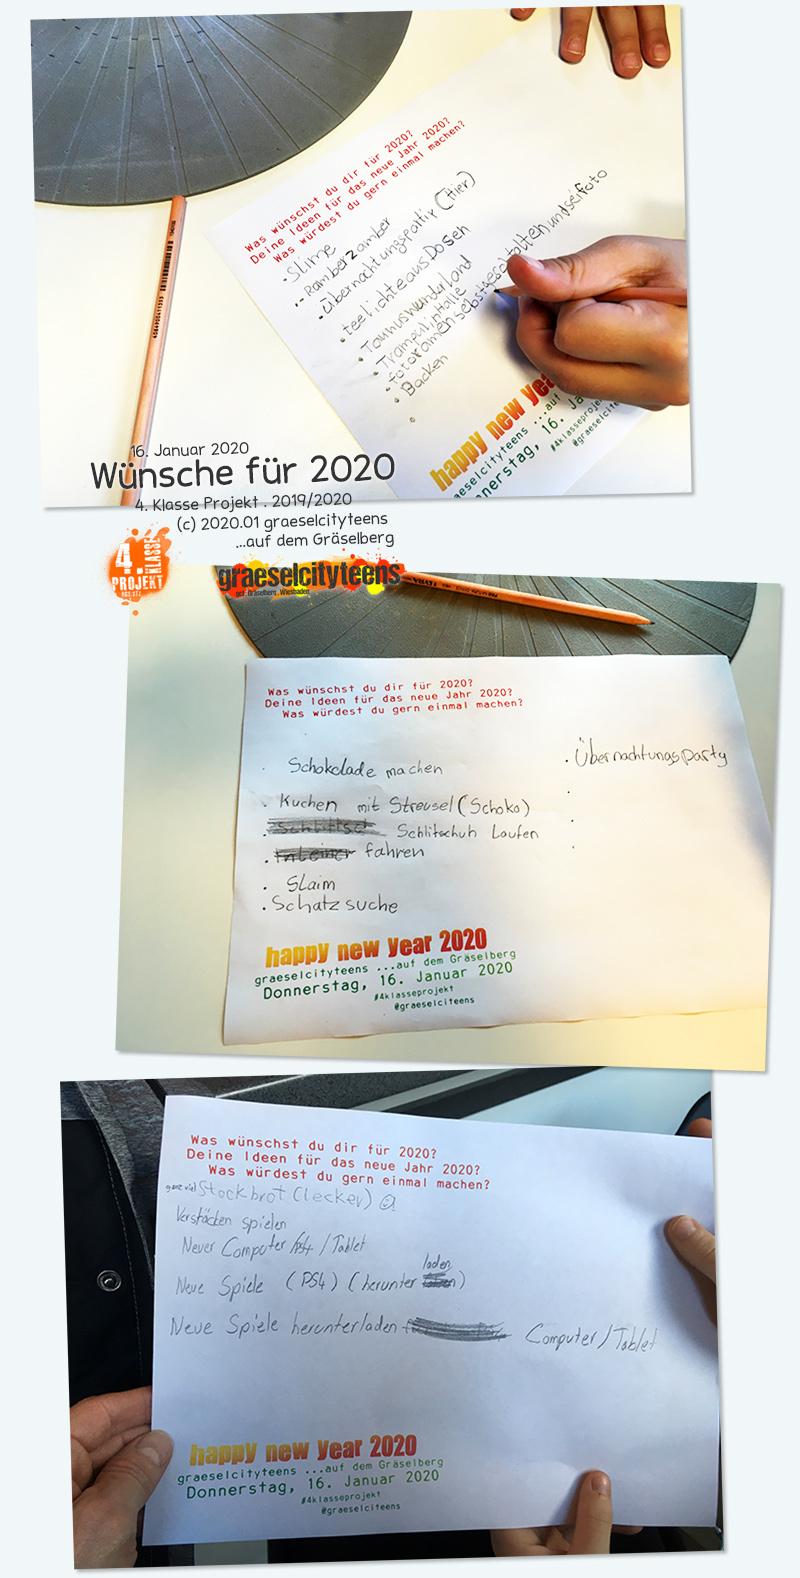 Wünsche 2020 . Was wünschst du dir für 2020? . Deine Ideen für das neue Jahr 2020? . Was würdet ihr gern einmal machen? . Kooperationsprojekt . 4. Klasse Projekt . graeselcityteens . 16. Januar 2020 . Stadtteilzentrum Gräselberg . Wiesbaden